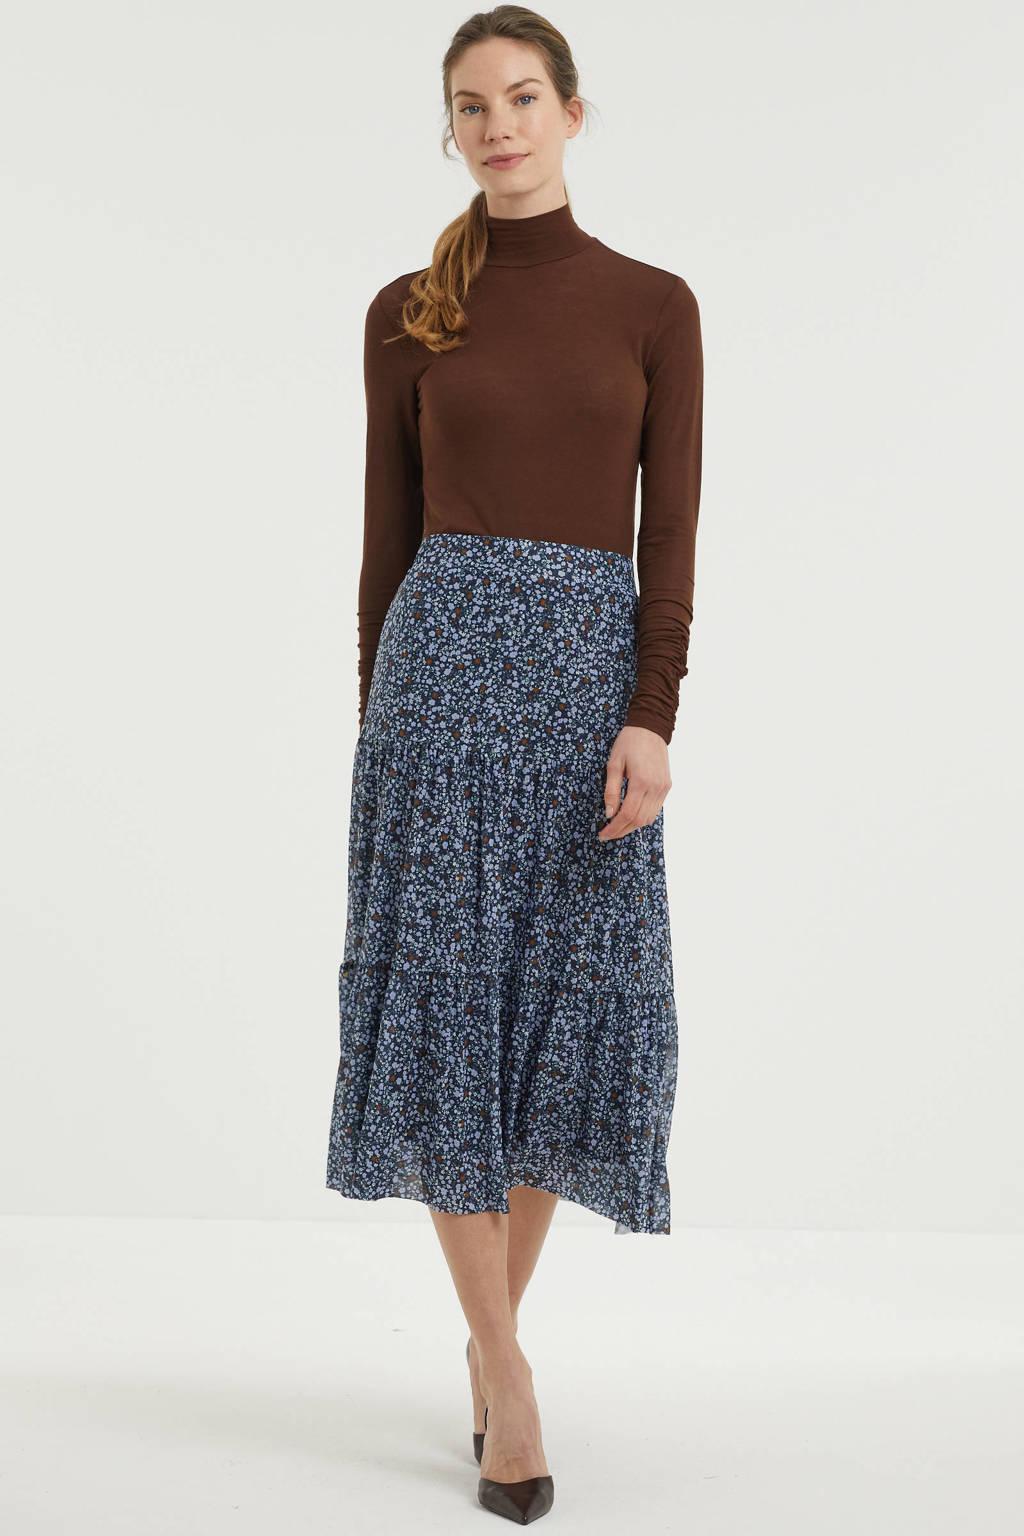 Fransa gebloemde semi-transparante rok donkerblauw/lichtblauw/donkerrood, Donkerblauw/lichtblauw/donkerrood